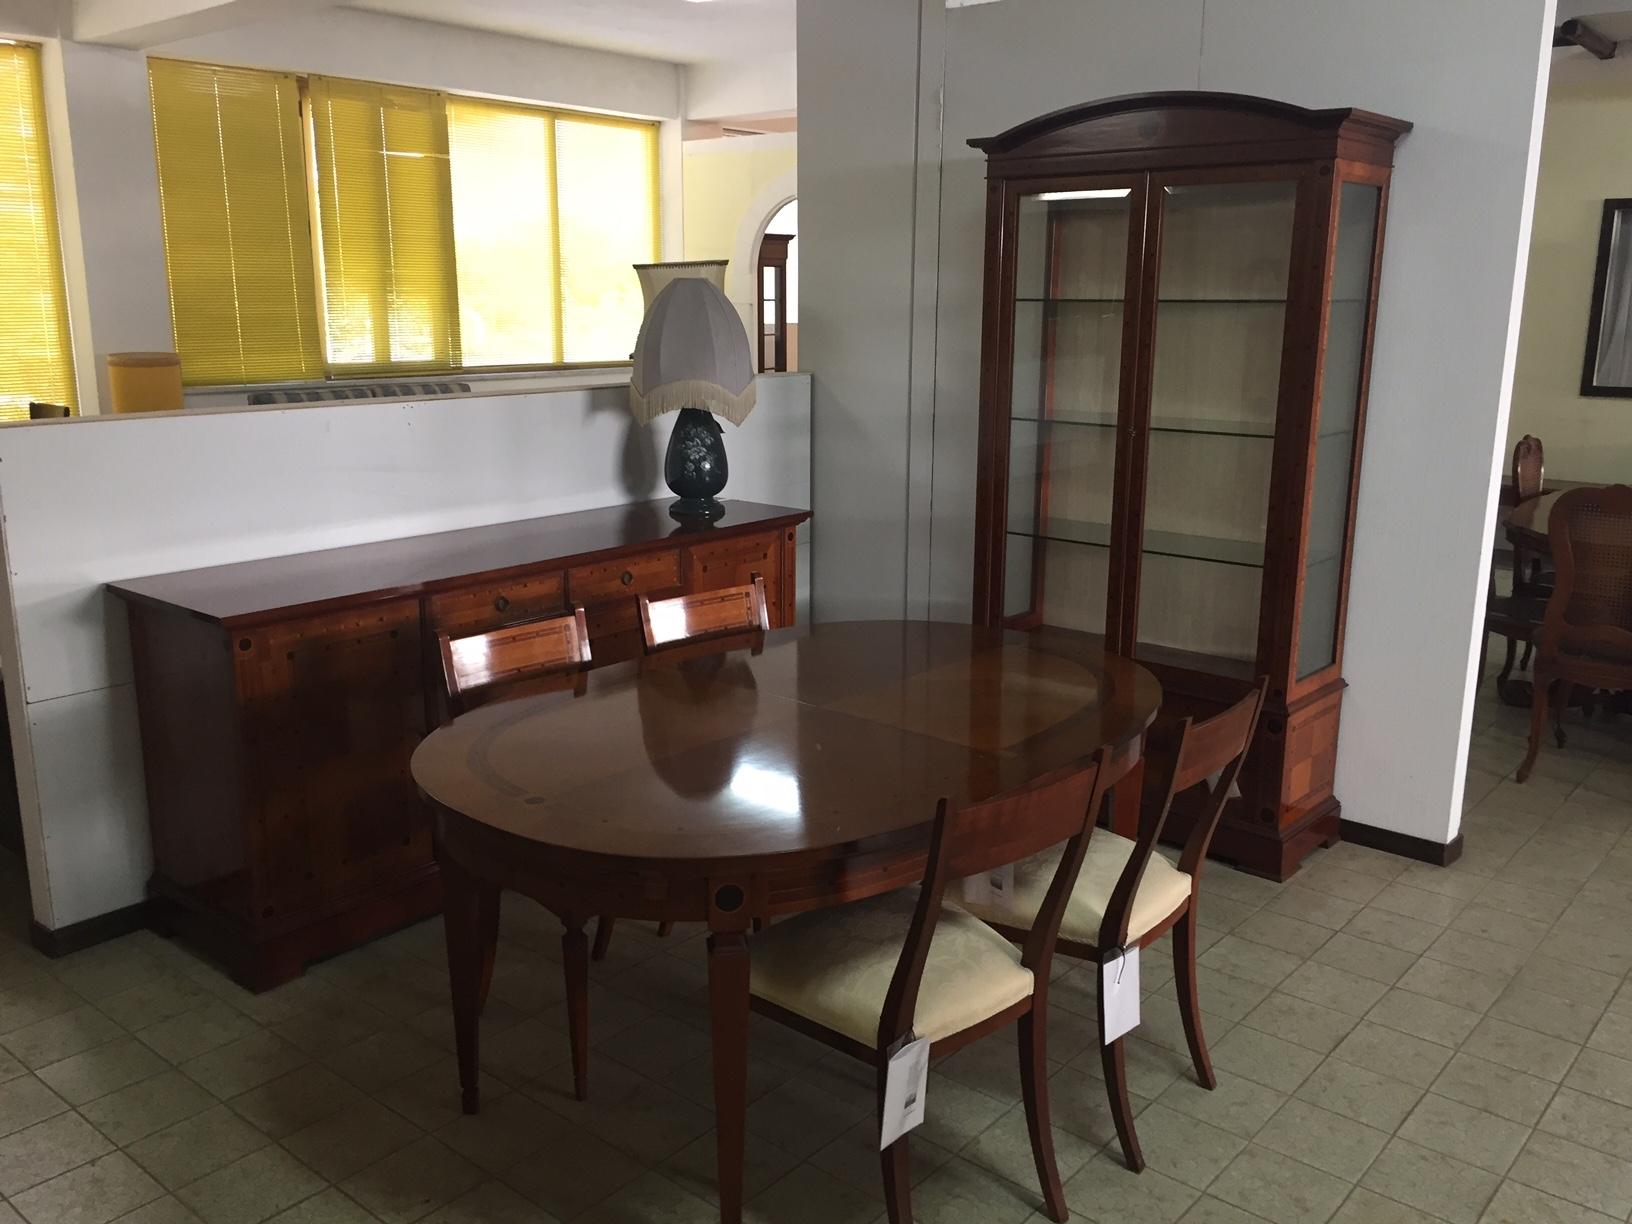 Soggiorno Annibale Colombo Sala Da Pranzo Annibale Colombo Scontato  #A78D24 1632 1224 Quadri Da Mettere In Sala Da Pranzo